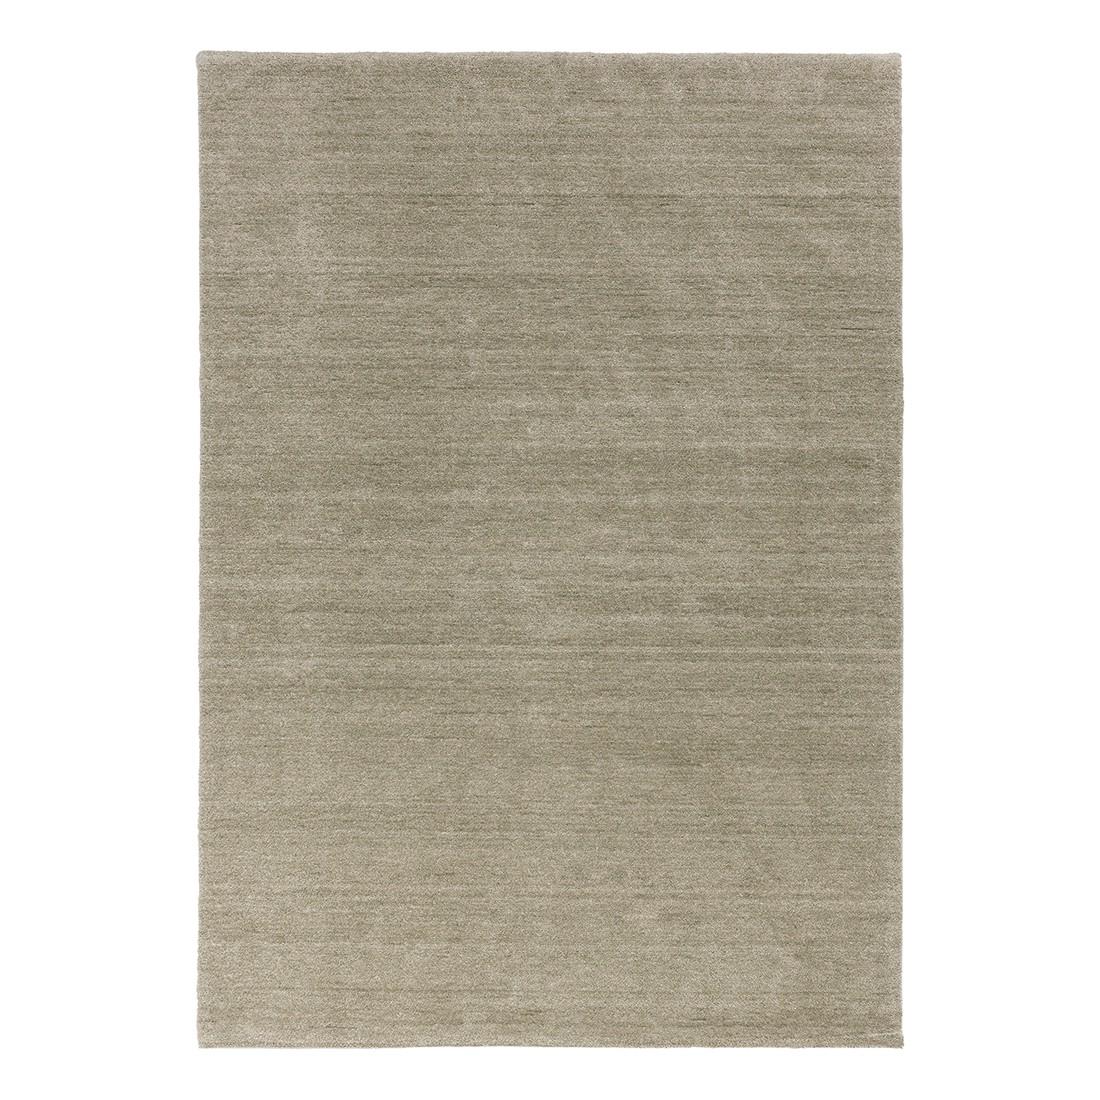 Teppich Victoria I - Beige - 170 x 240 cm, Schöner Wohnen Kollektion